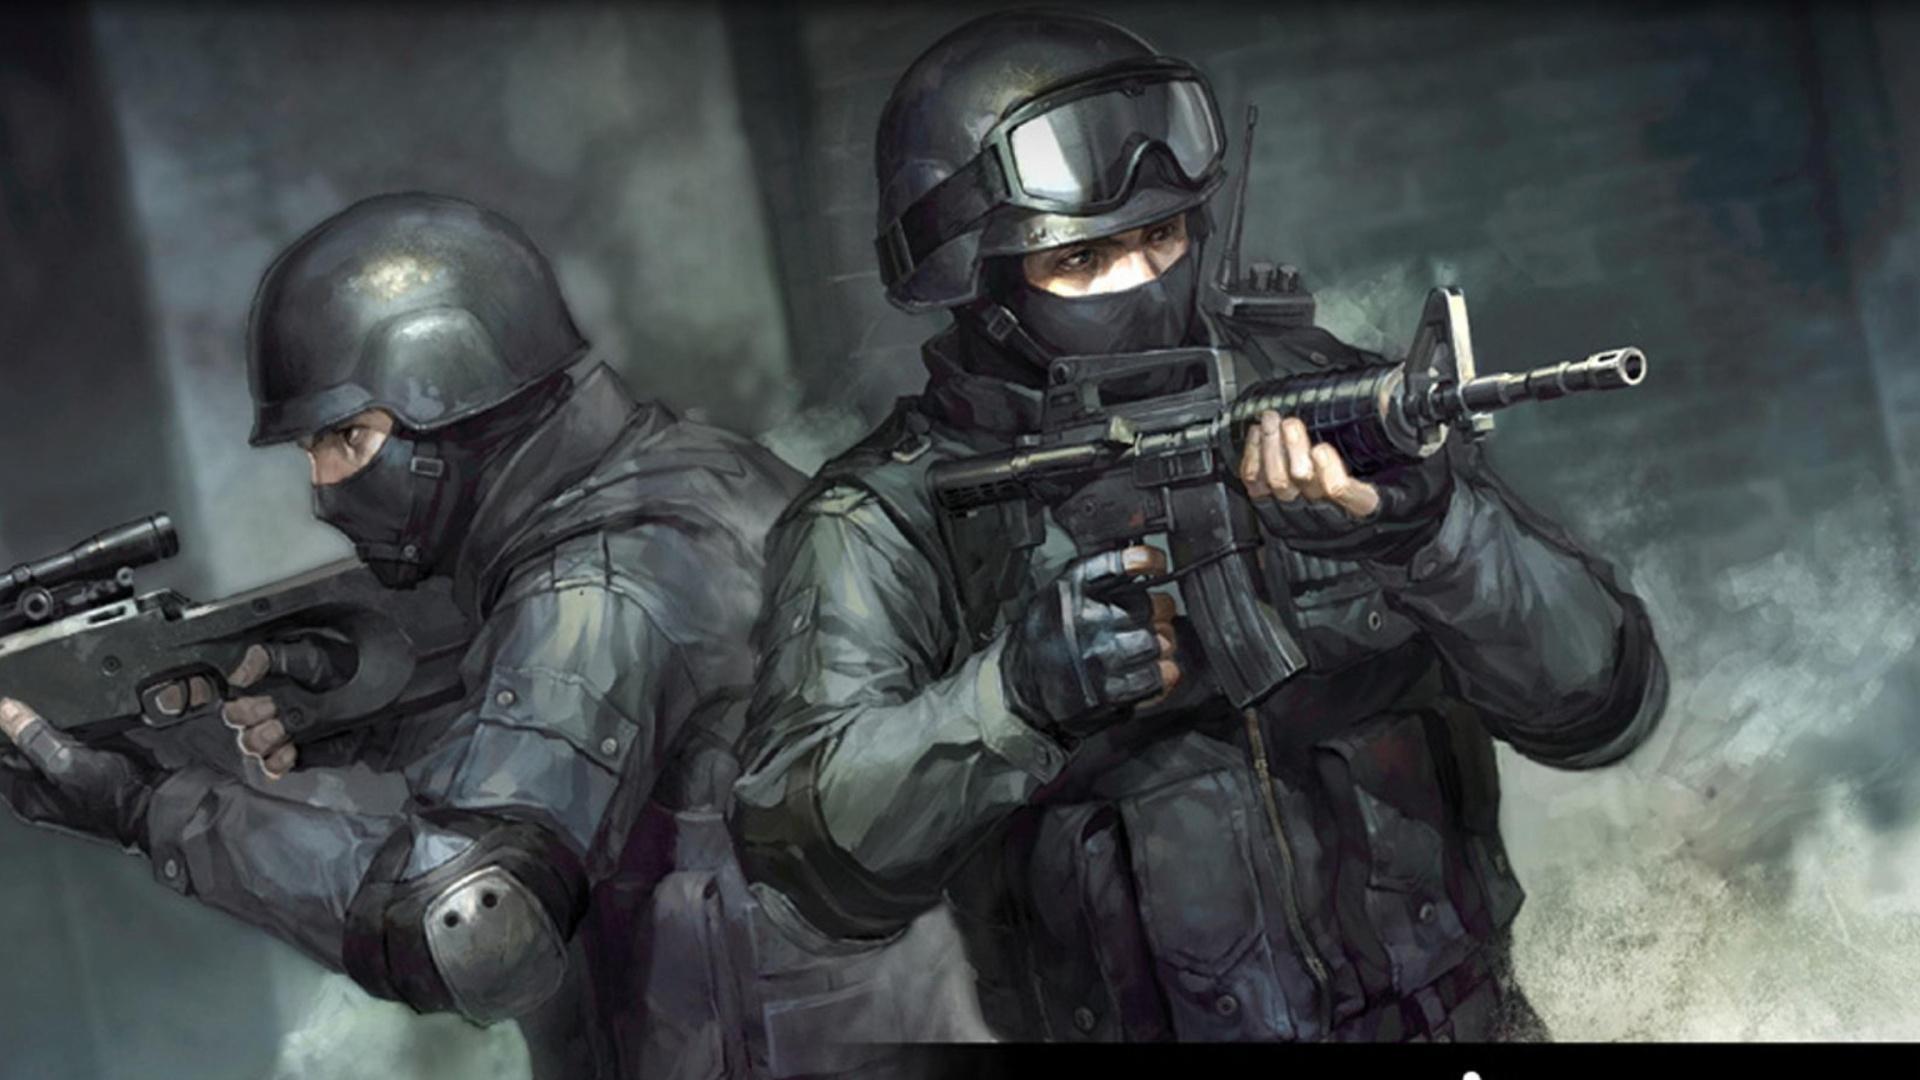 free 1920X1080 Counter Strike 1920x1080 wallpaper screensaver preview 1920x1080